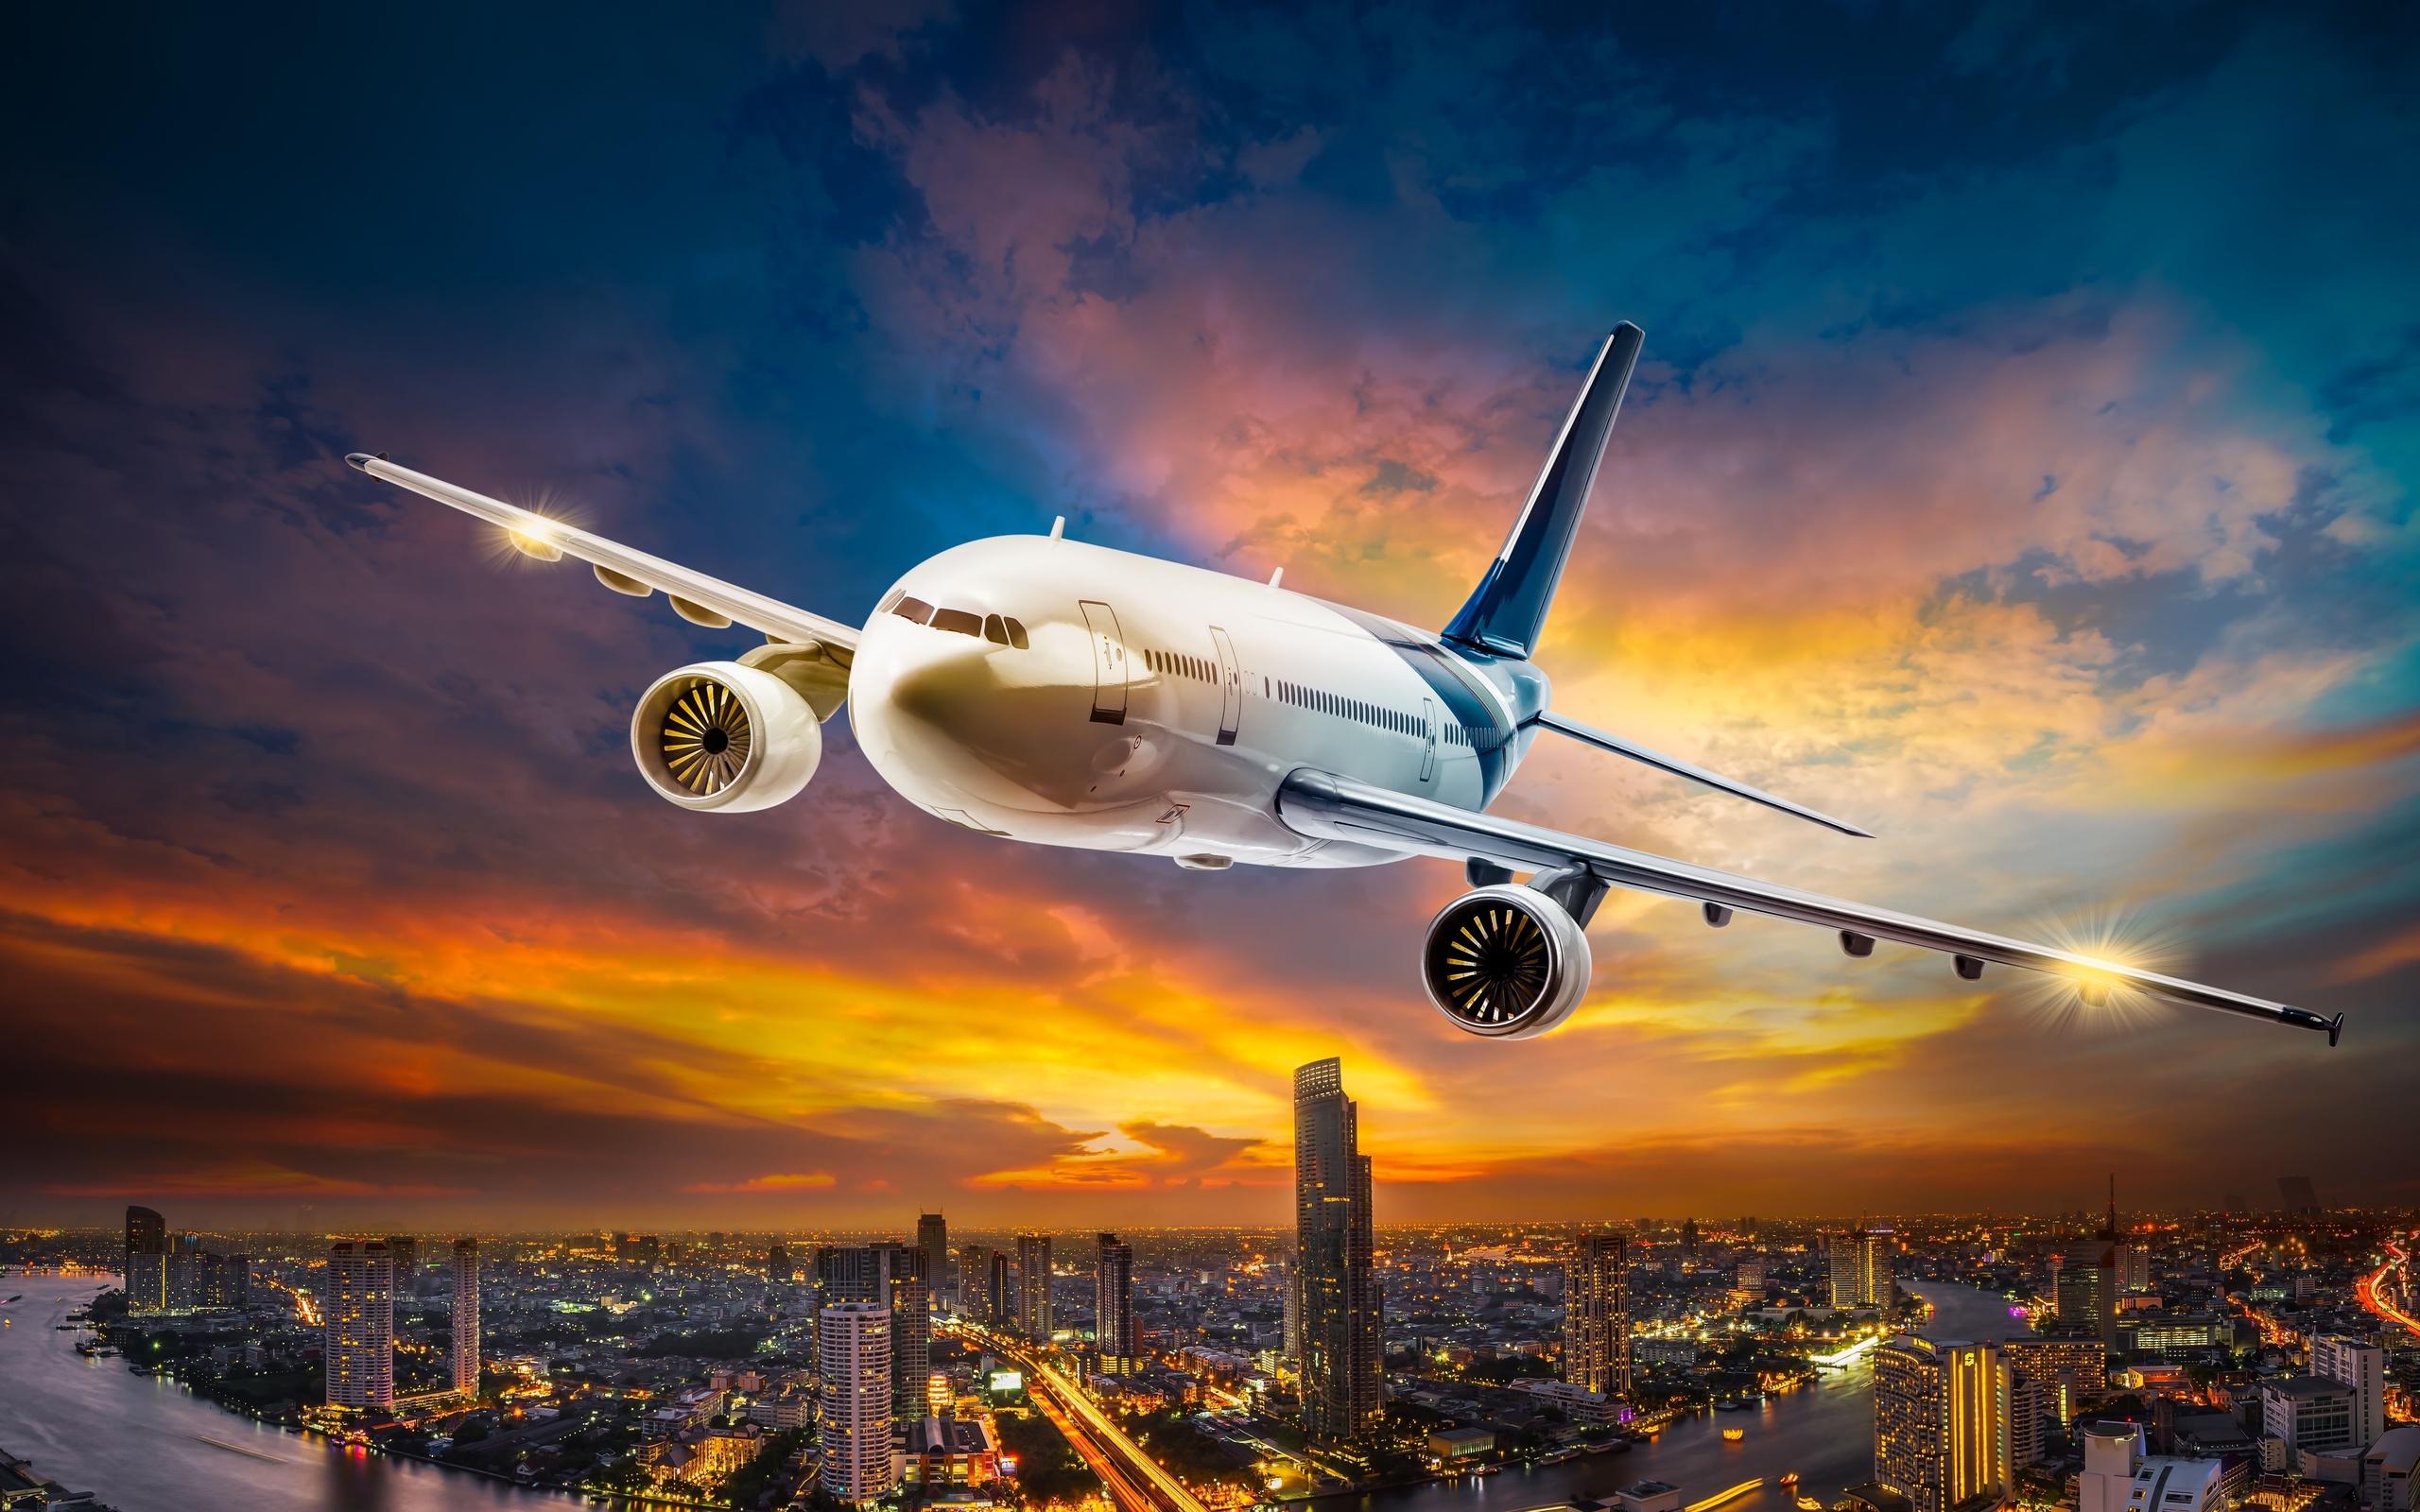 Самые лучшие картинки самолета